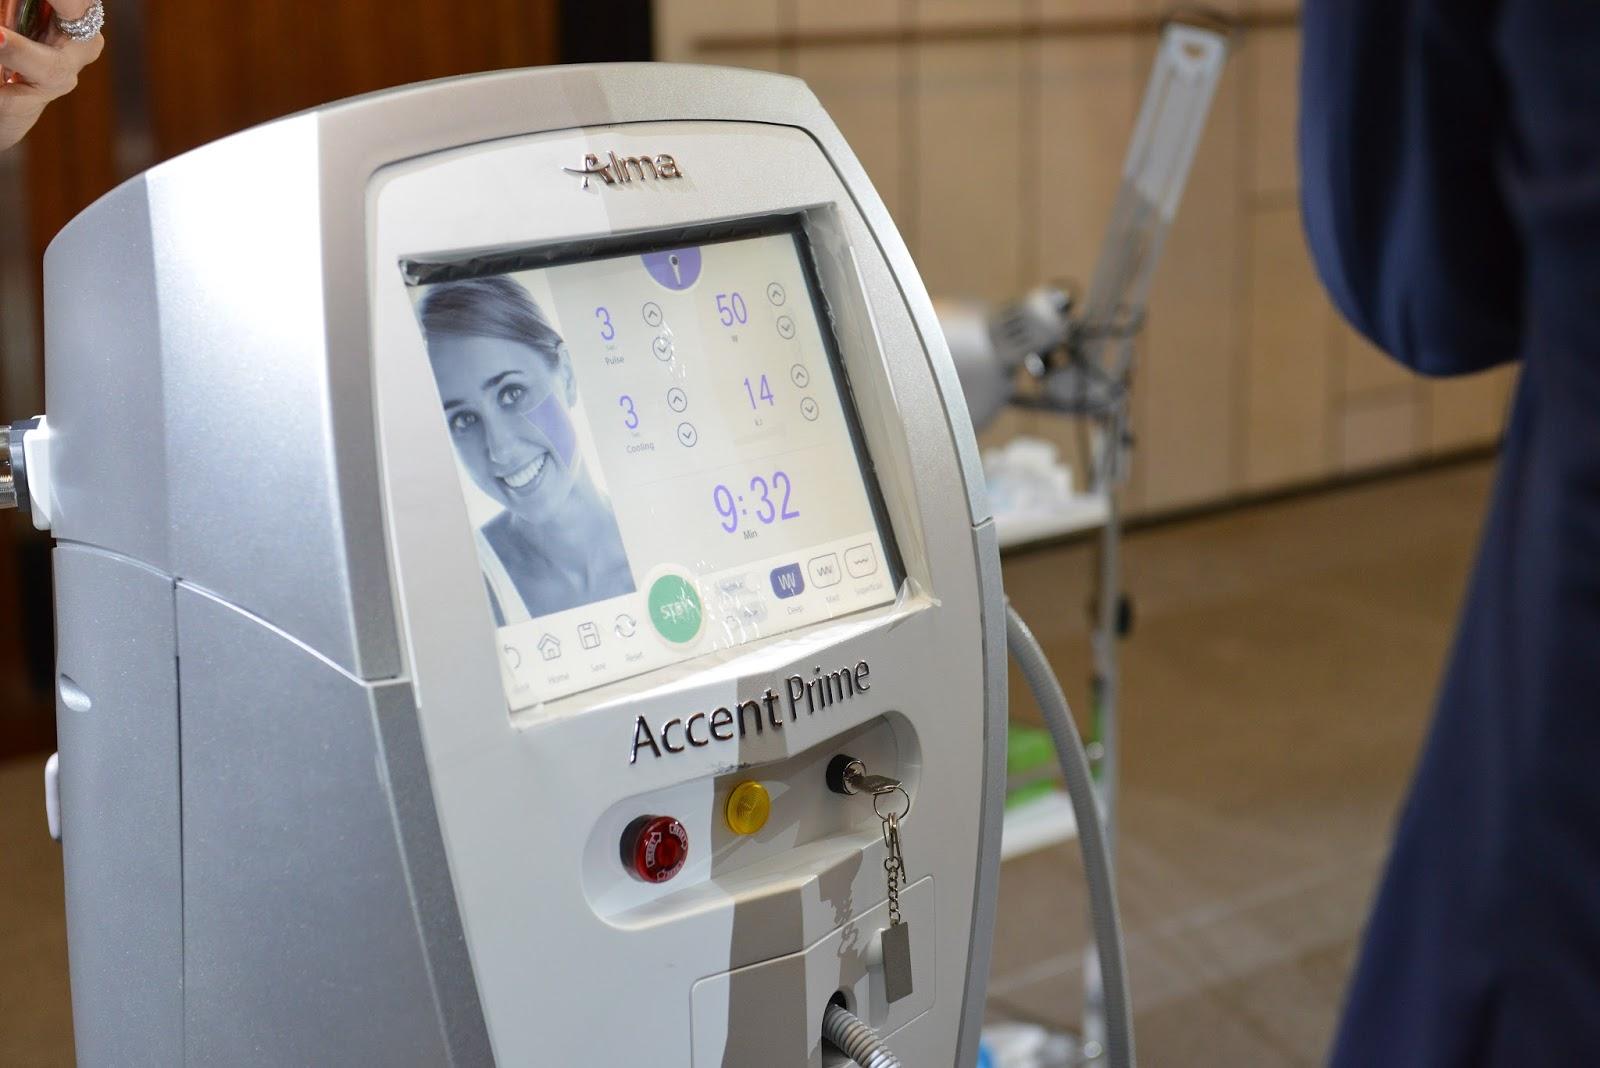 Dari Jari Jari Halusku: Alma Laser launched Accent Prime, a